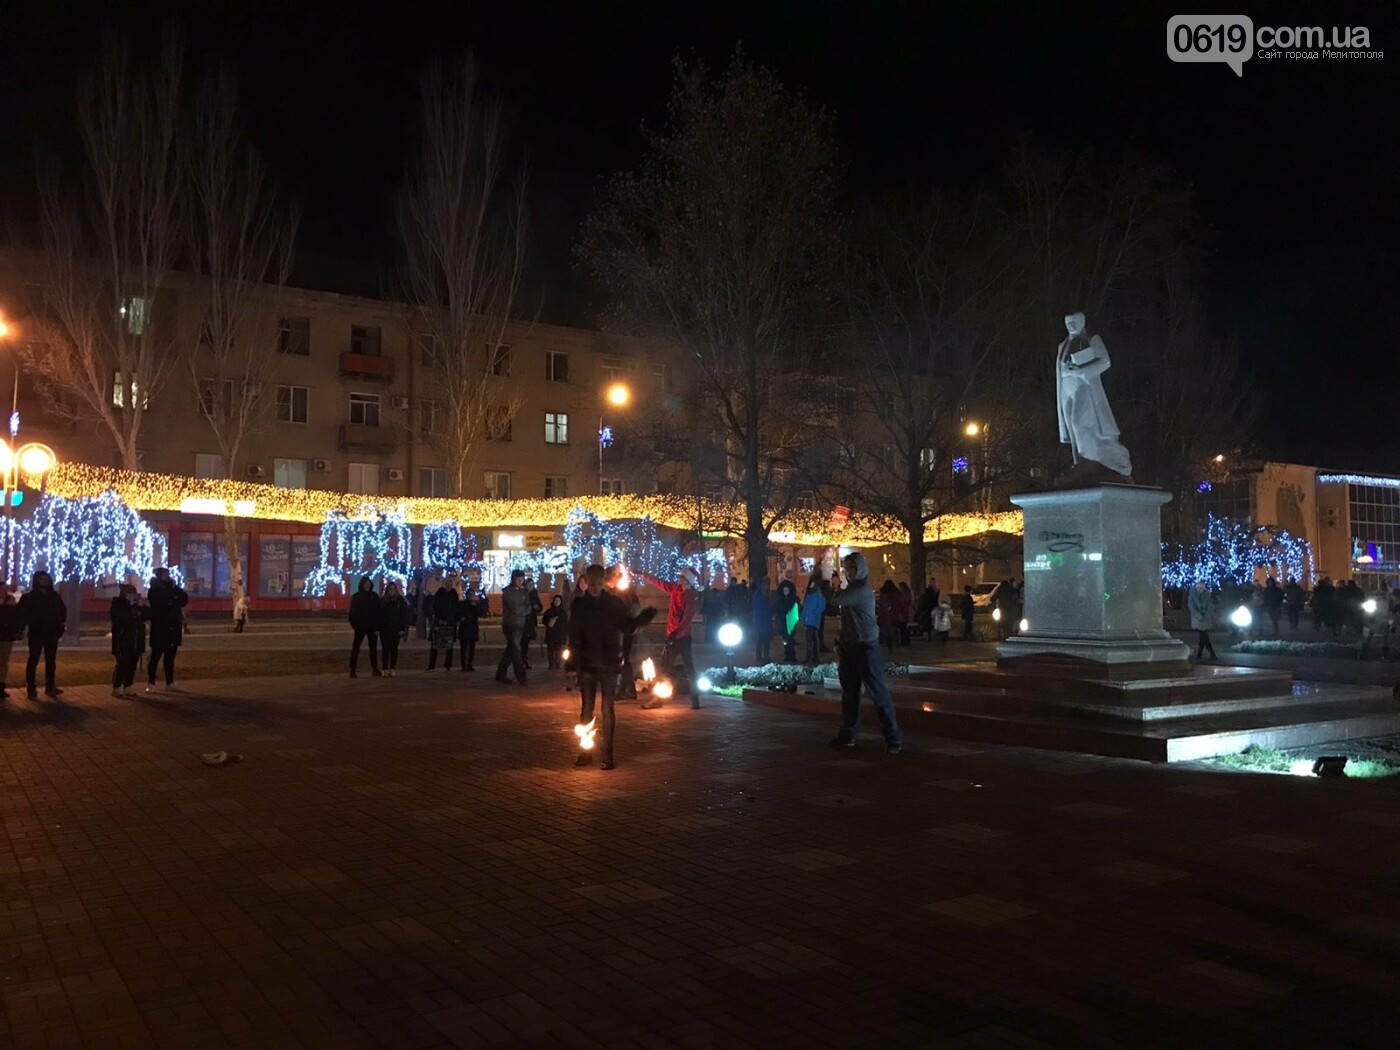 В Мелитополе зажглись тысячи огней, - ФОТО, фото-6